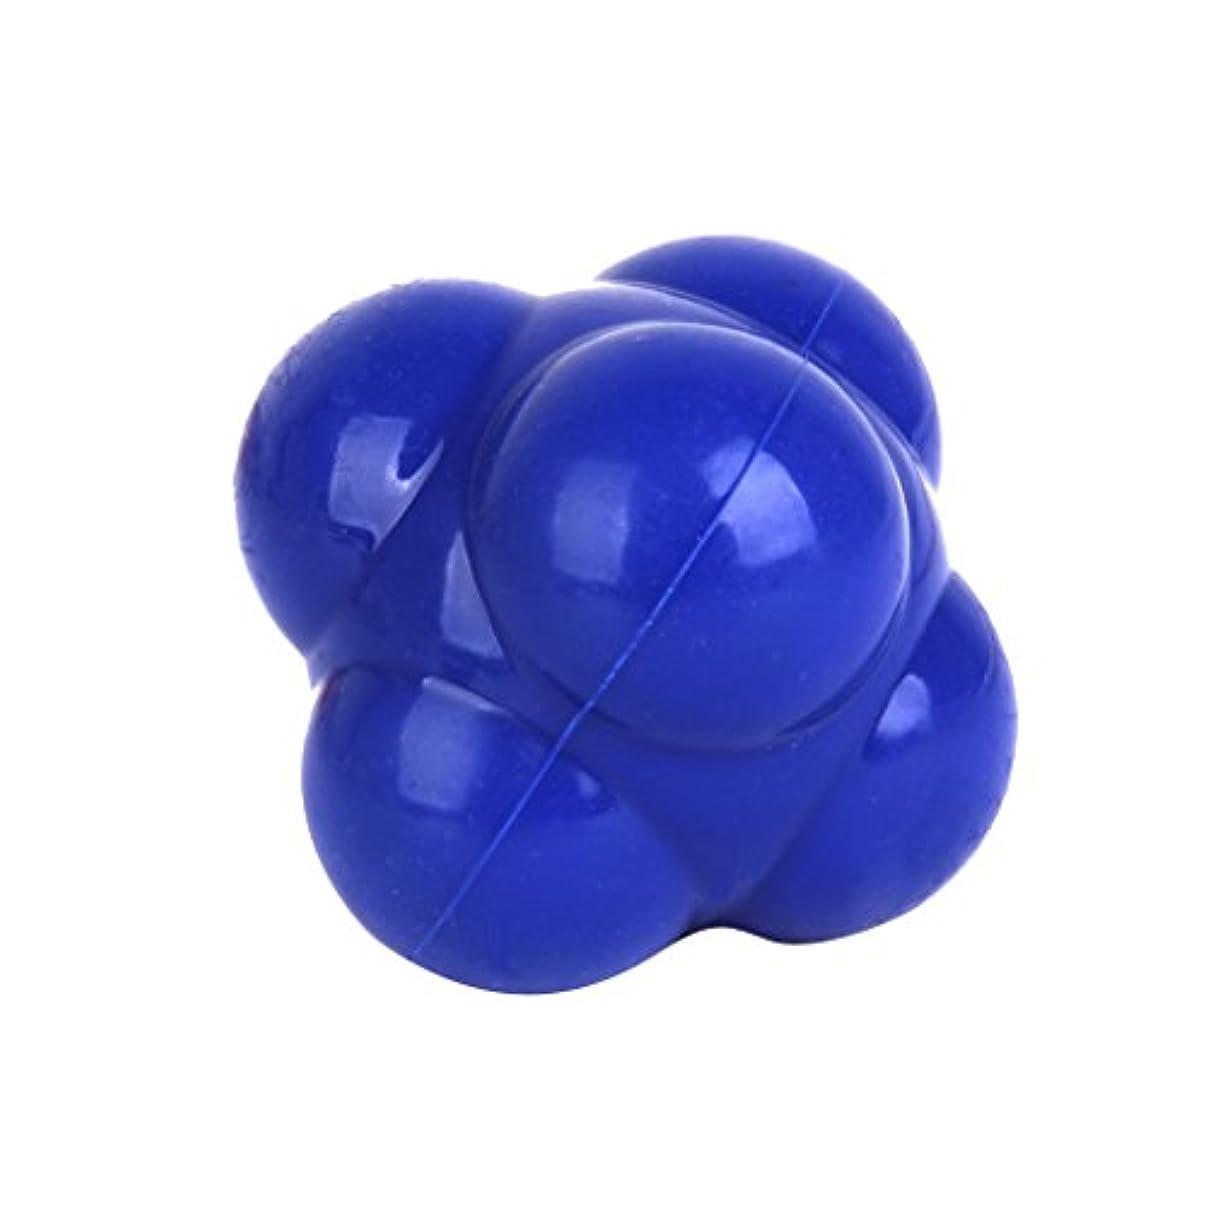 家畜インペリアル溶けた【ノーブランド品】六角反応ボール 六角マッサージボール 反射運動トレーニング 青